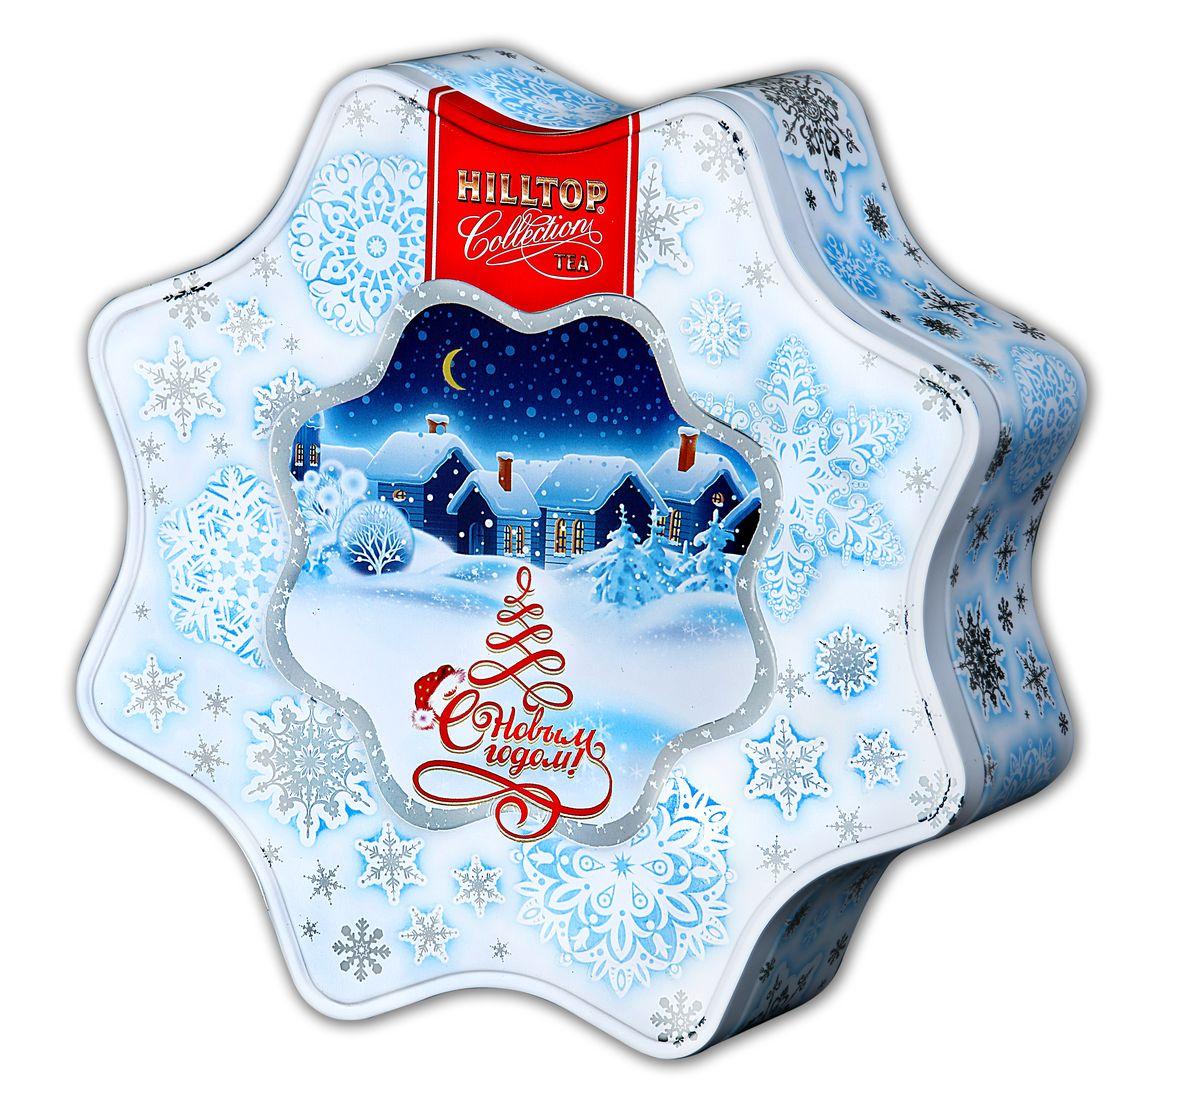 Hilltop Снежинка белая Молочный оолонг улун листовой, 100 г4607099303508Знаменитый китайский полуферментированный чай Улун с нежным ароматом свежих сливок и сливочно-карамельным послевкусием вы найдете в наборе Hilltop Снежинка белая. Этот чай в красивой праздничной упаковке можно преподнести в подарок, или просто украсить им новогоднее или рождественское чаепитие в кругу друзей.